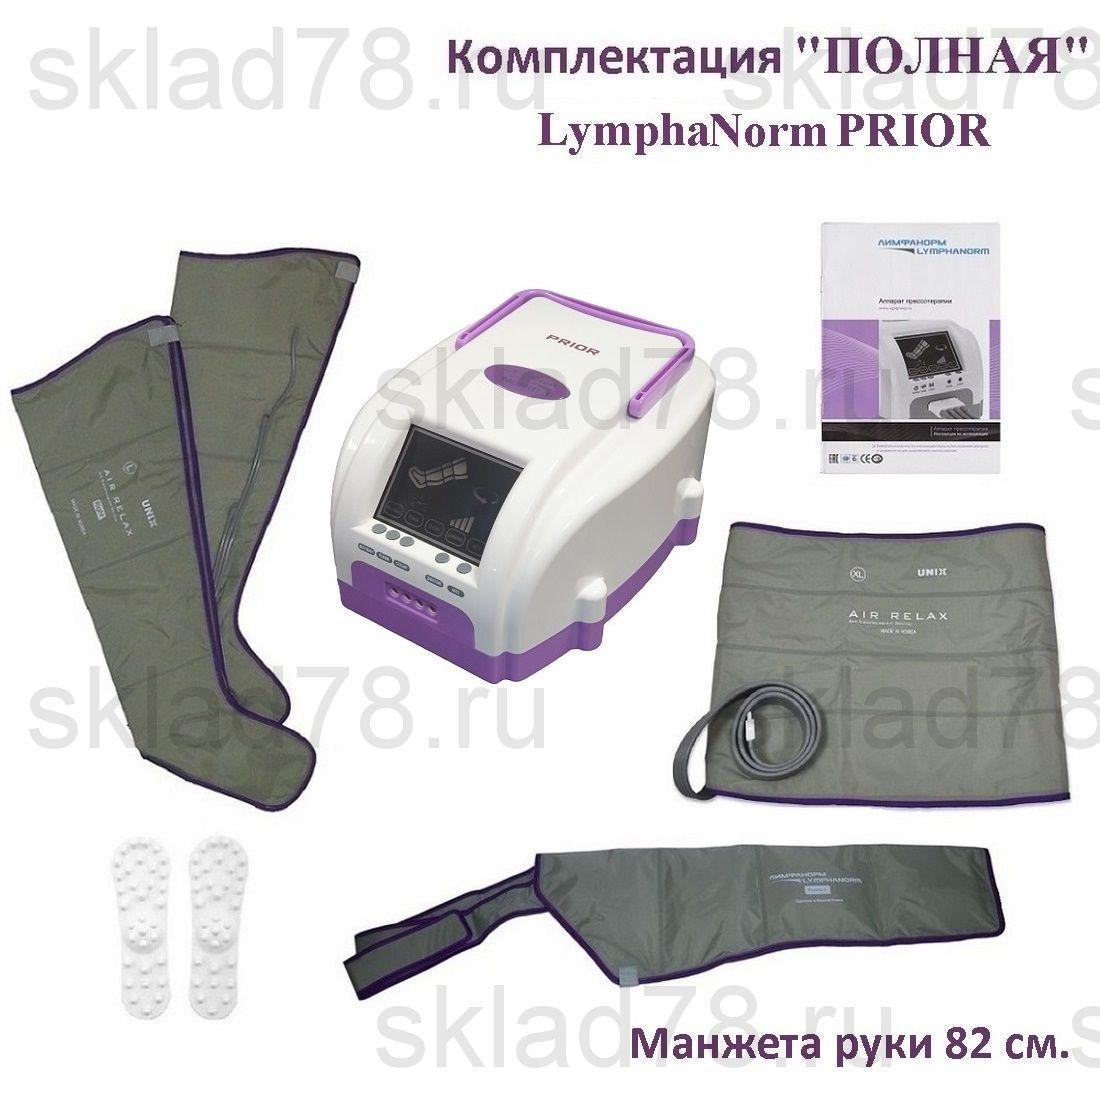 """LymphaNorm PRIOR Прессотерапия """"Полный"""" (рука 82 см.)"""